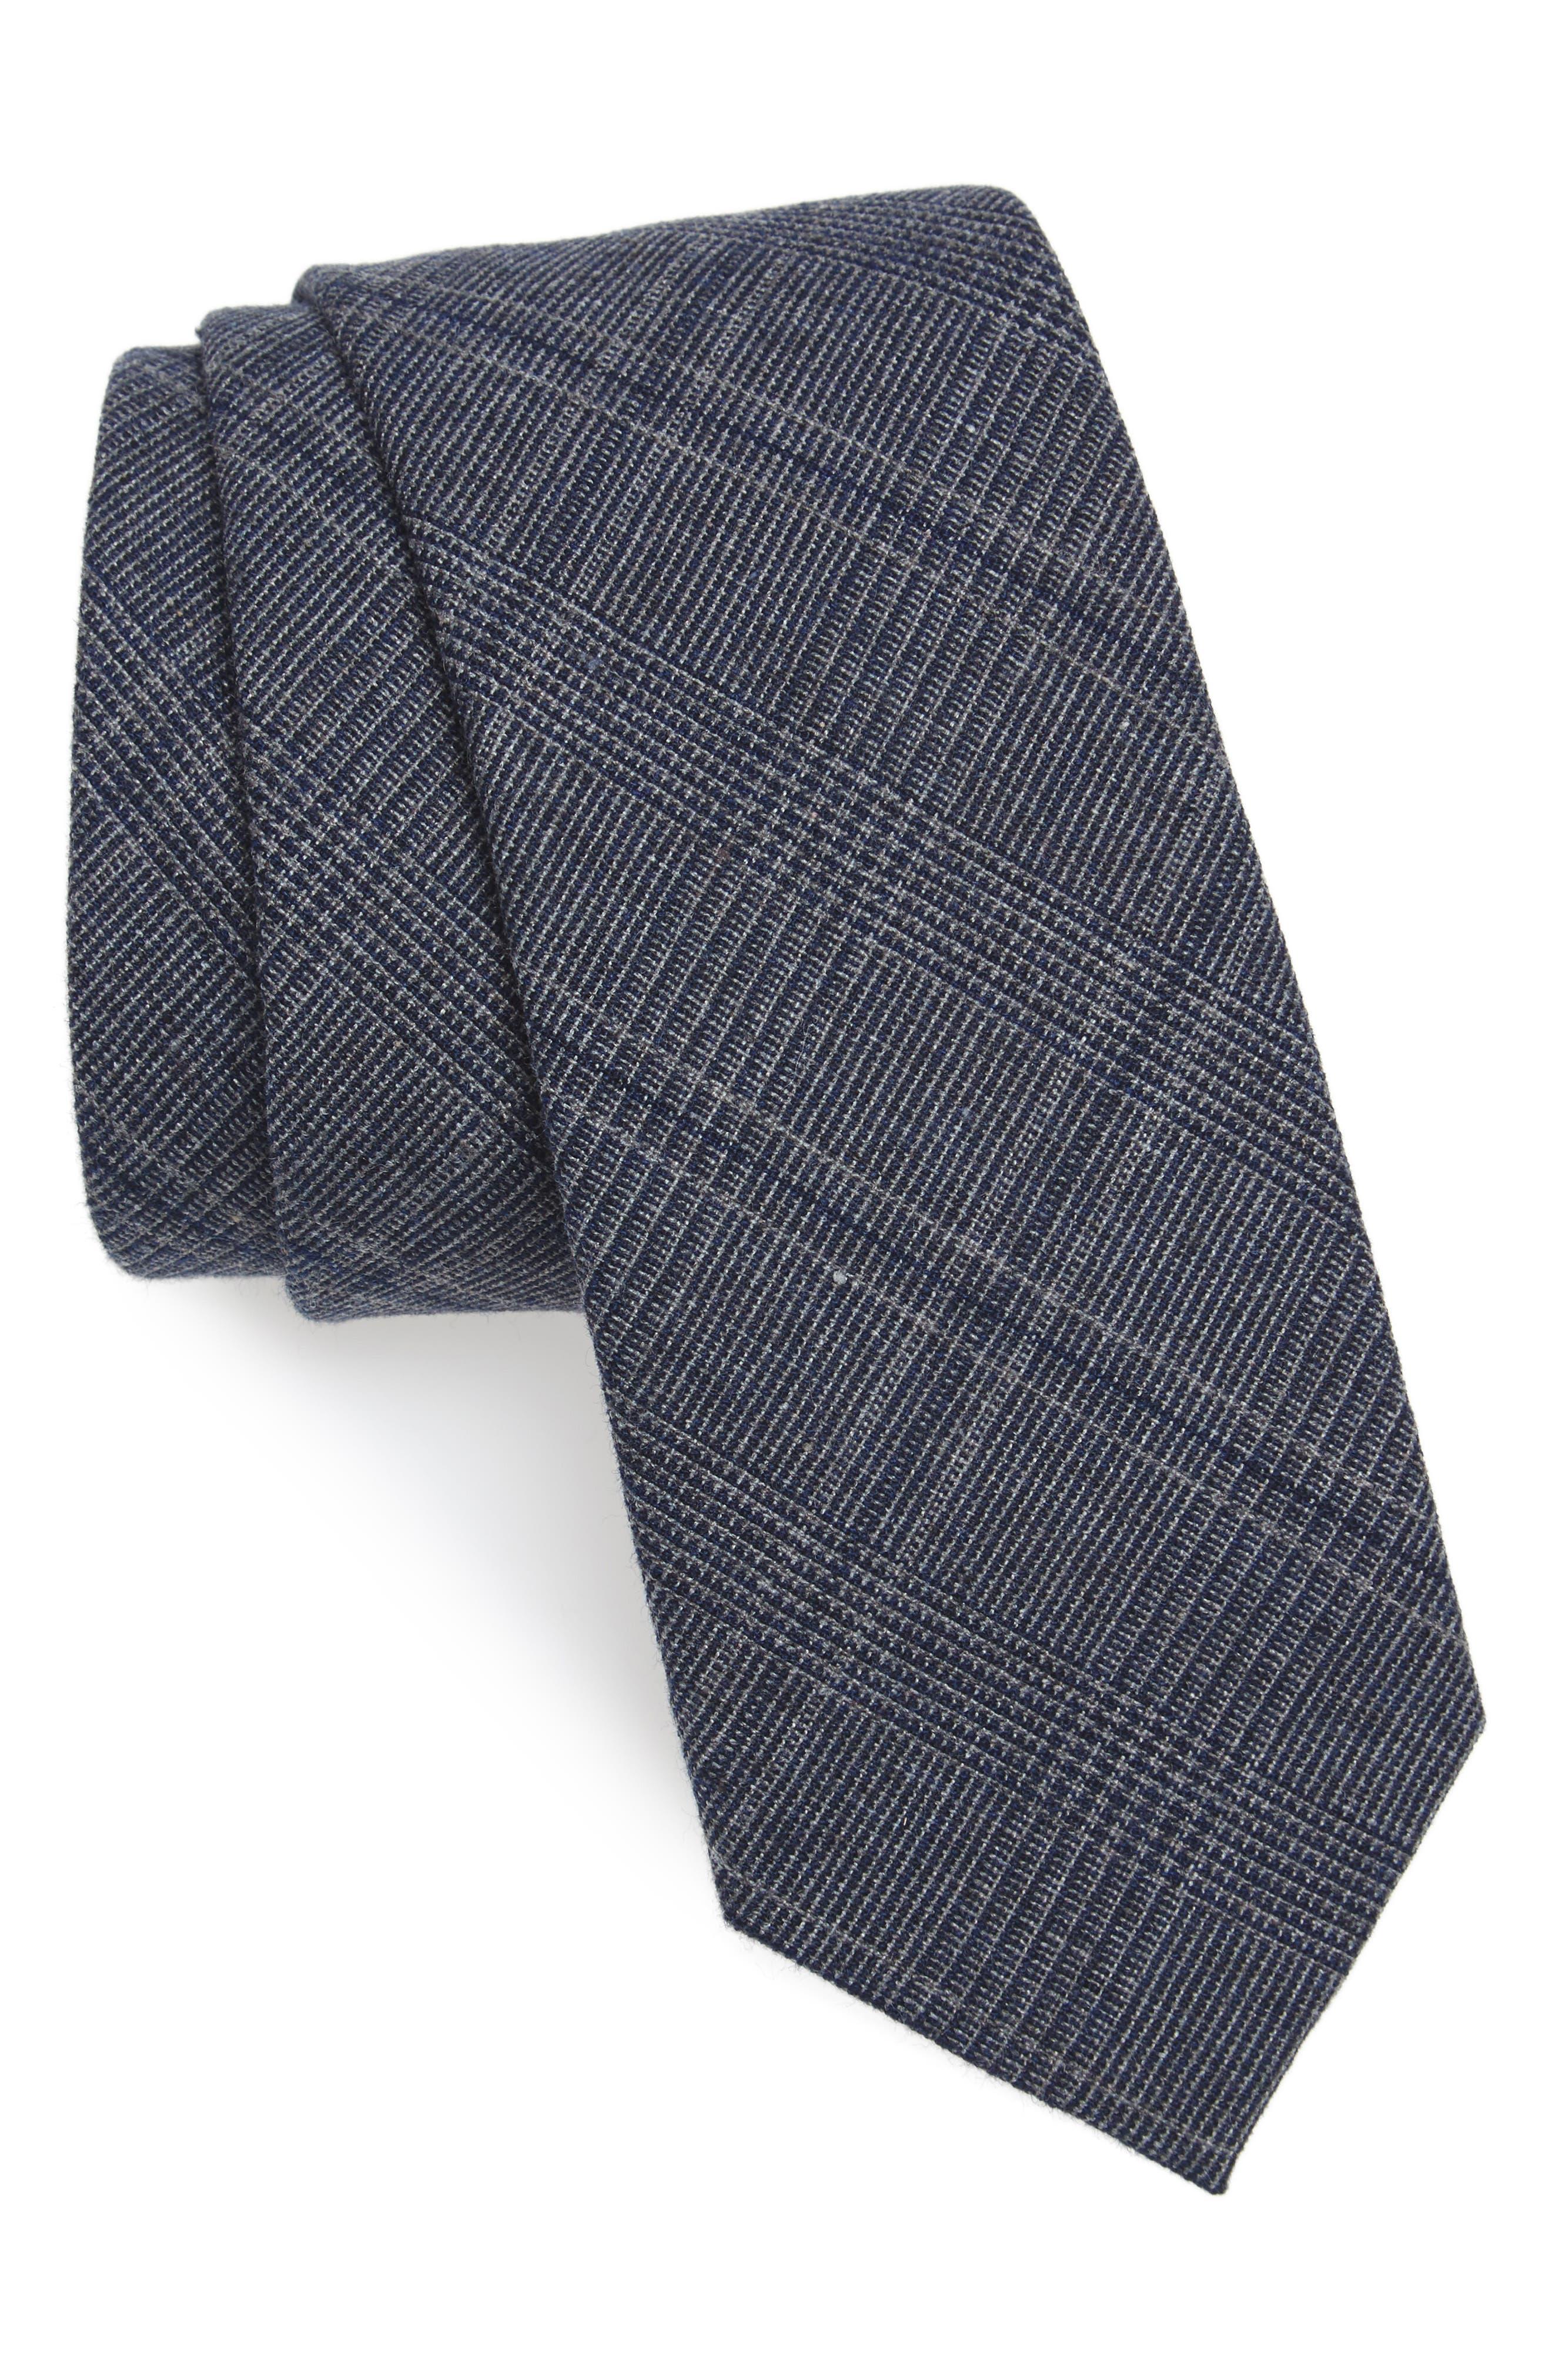 Main Image - Nordstrom Men's Shop Cobble Plaid Cotton & Linen Tie